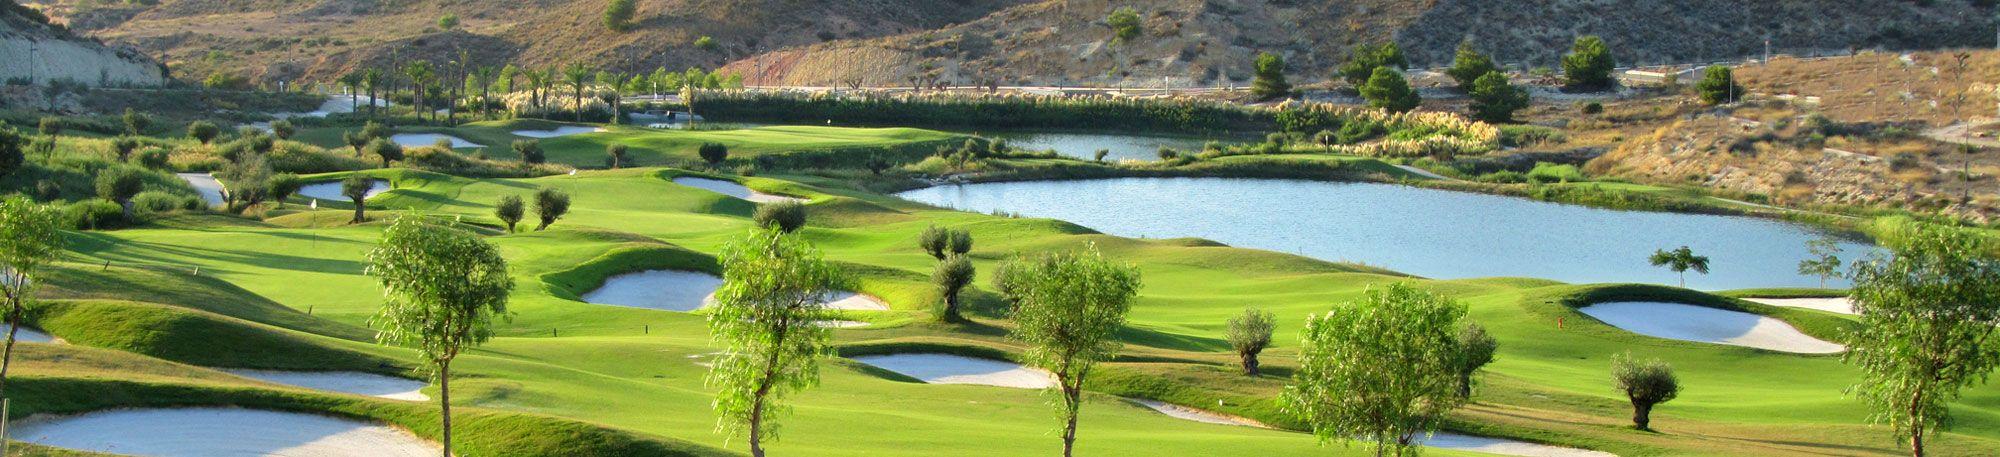 Font de llop golf